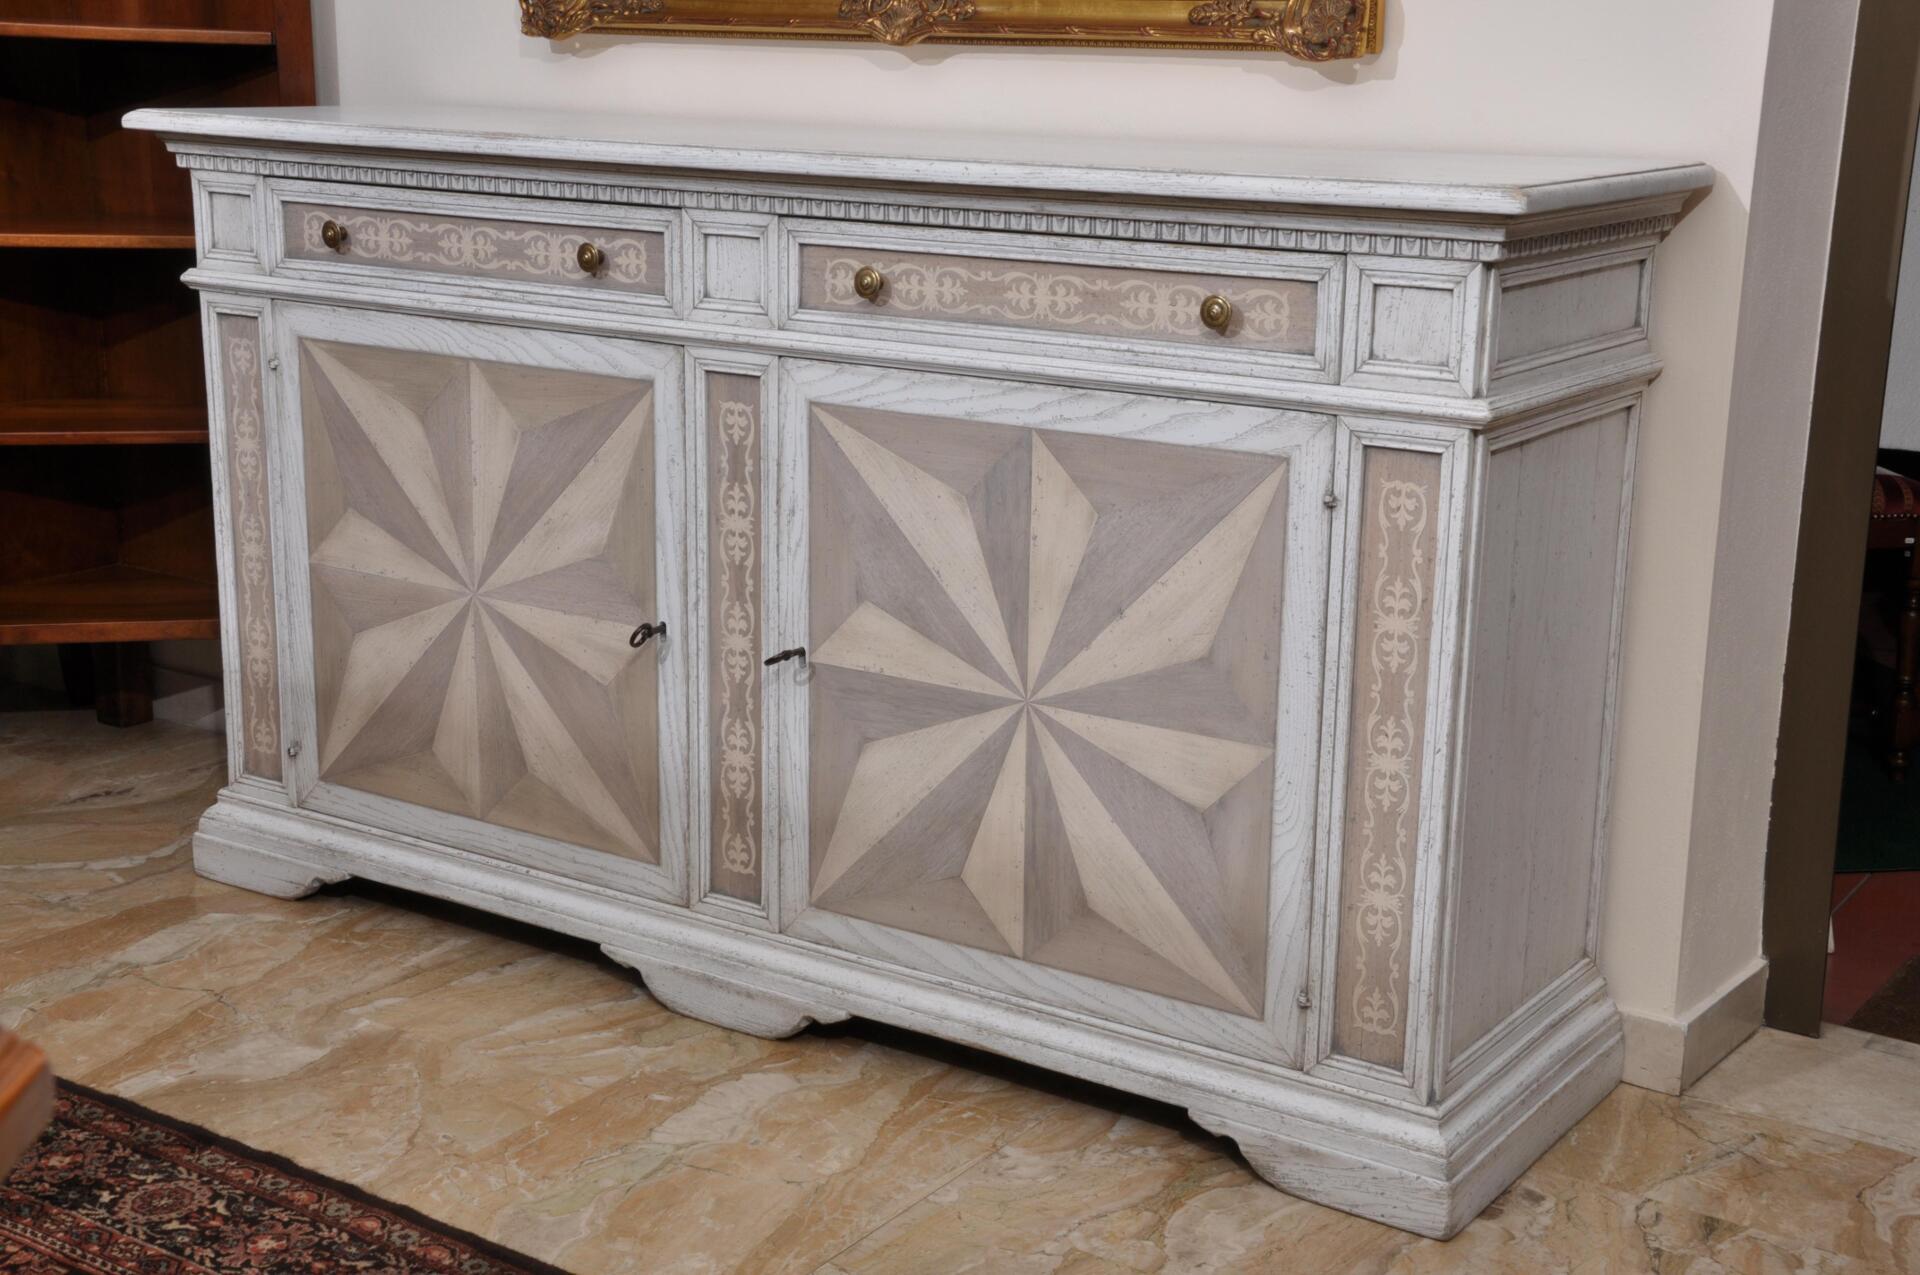 Credenza di lusso bicolore in rovere massello con intarsi riprodotti a mano in stile 600 - Mobili stile toscano ...